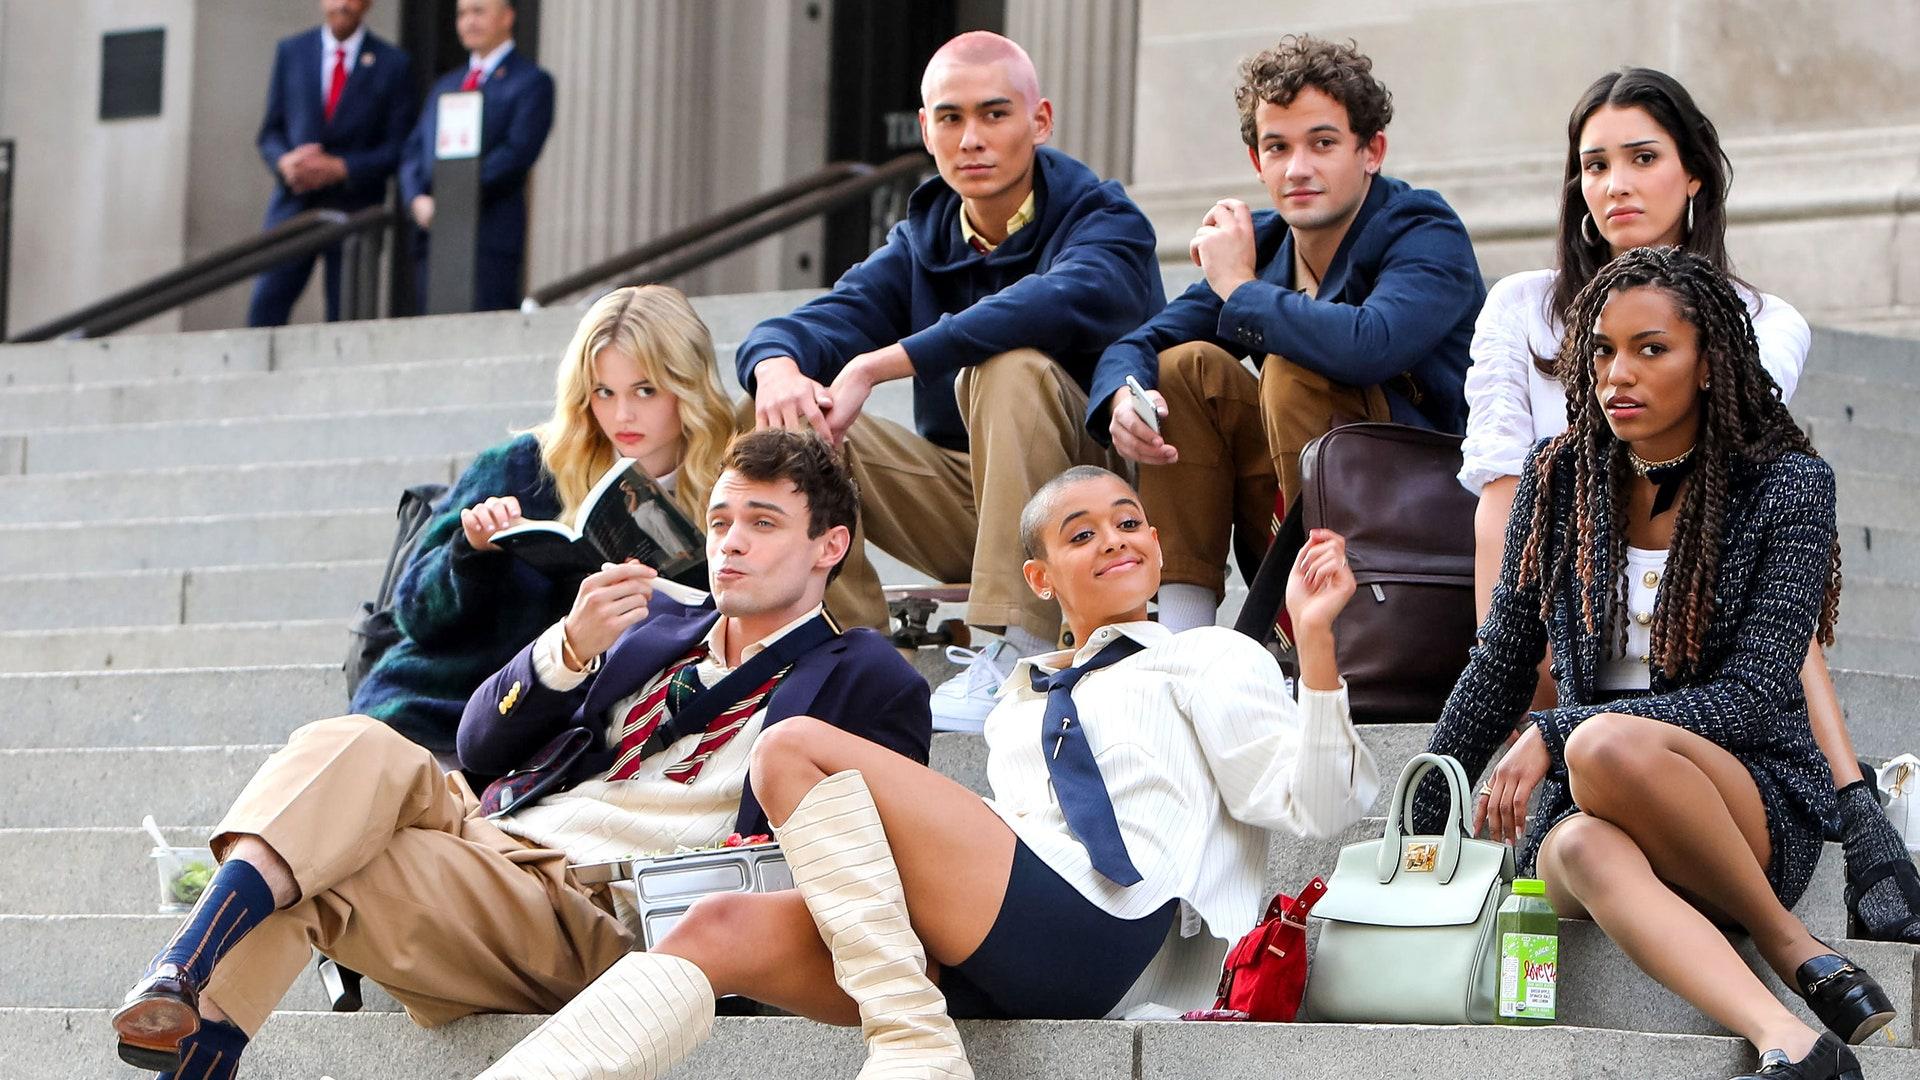 Primer tráiler completo del reboot de 'Gossip Girl' de HBO Max